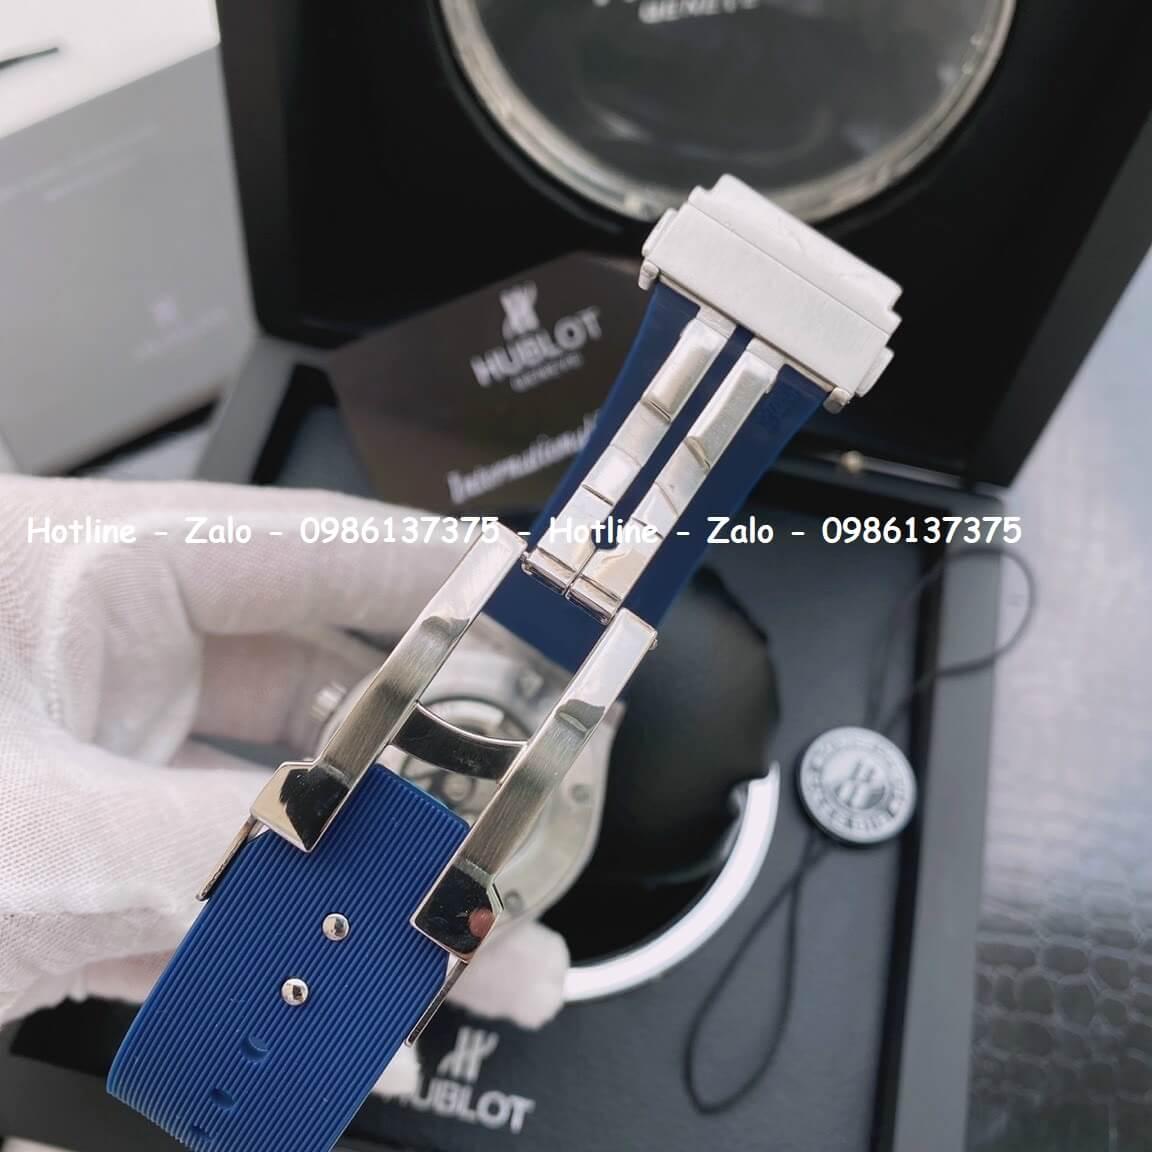 Đồng Hồ Hublot Nữ Siêu Cấp Dây Silicon Xanh 34mm Đính Đá